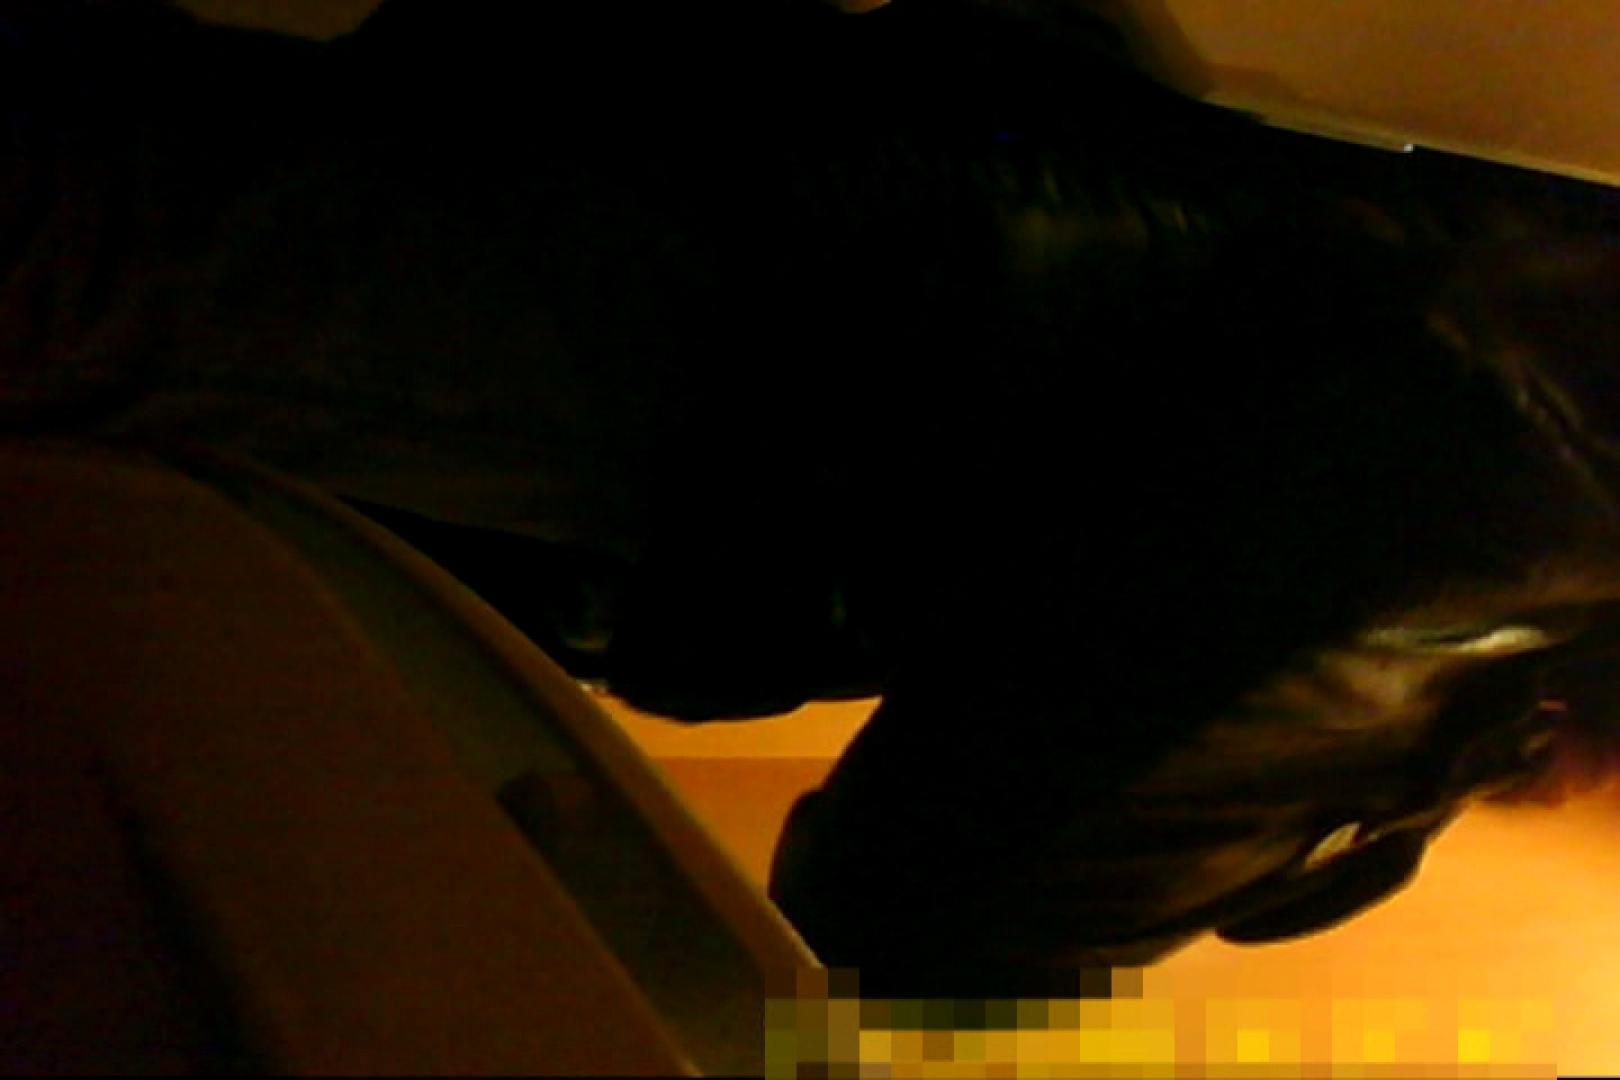 魅惑の化粧室~禁断のプライベート空間~vol.7 OL  90連発